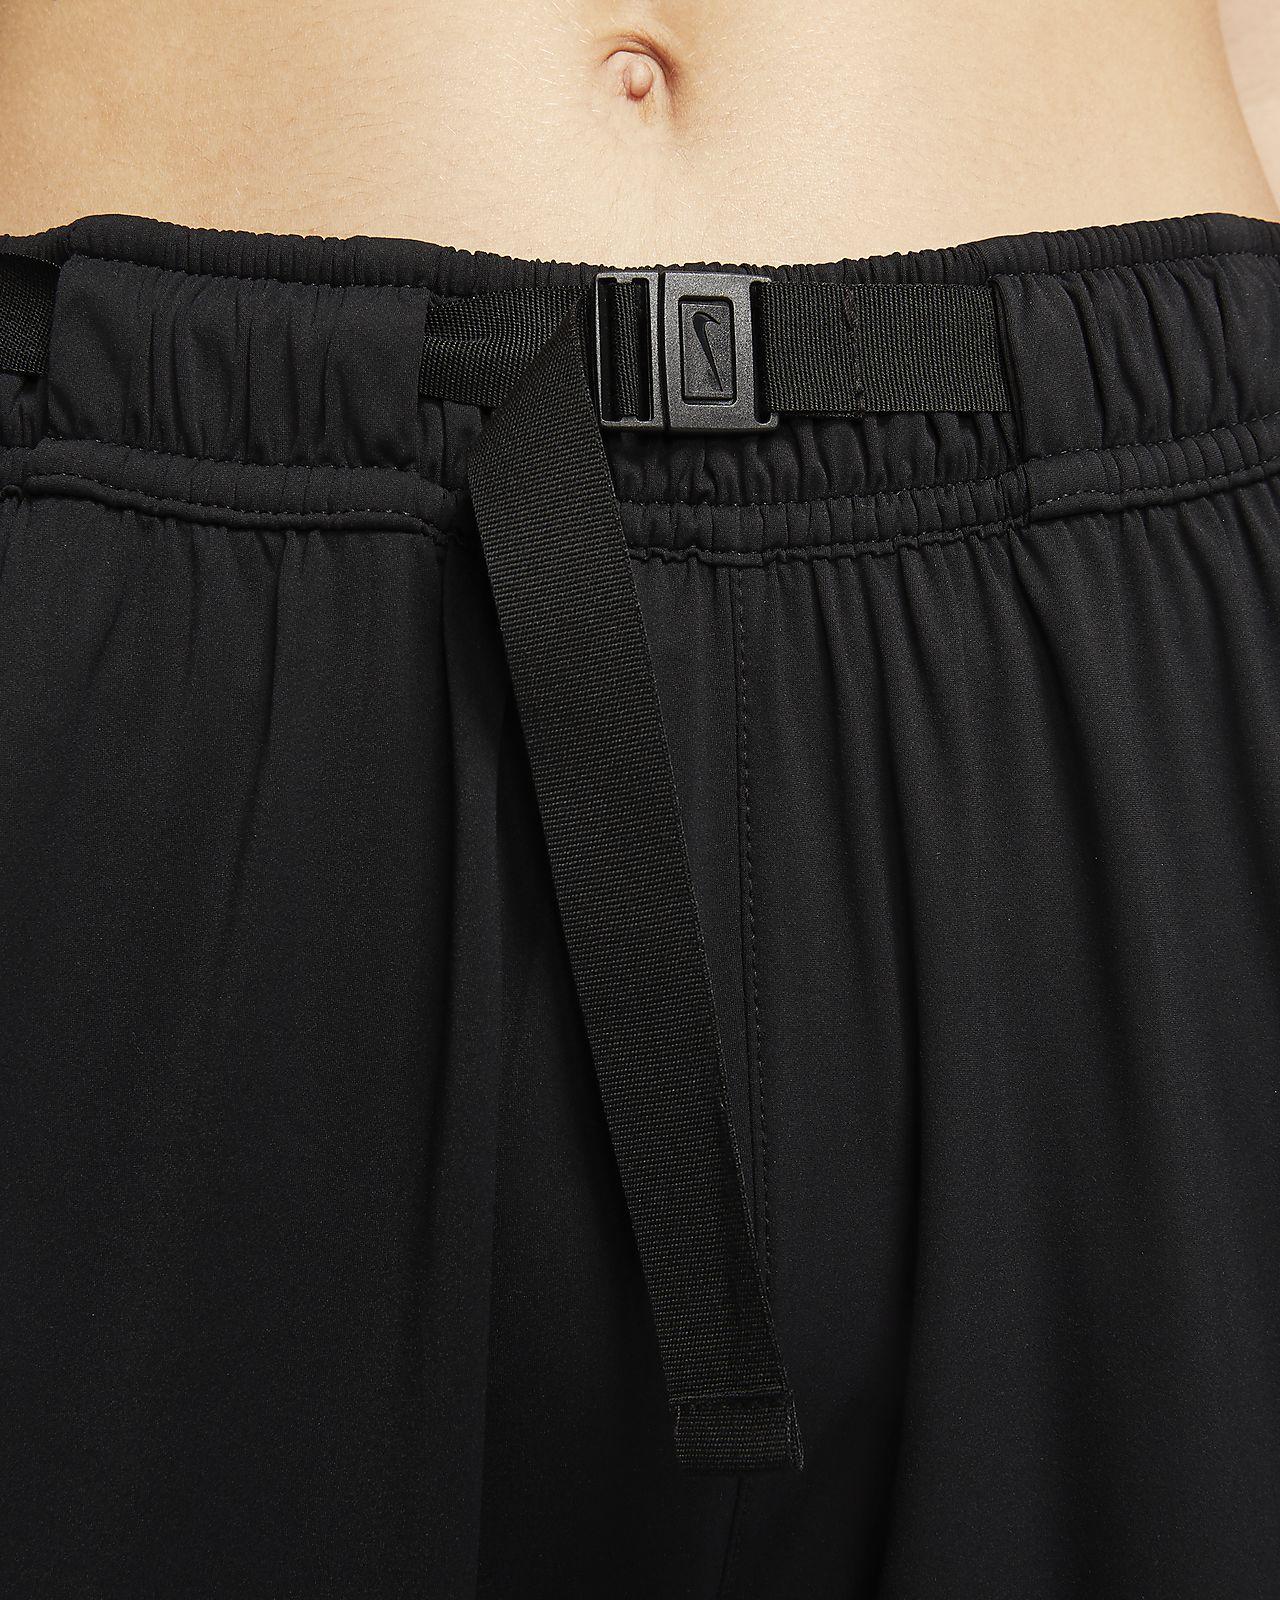 nike pants 7/8